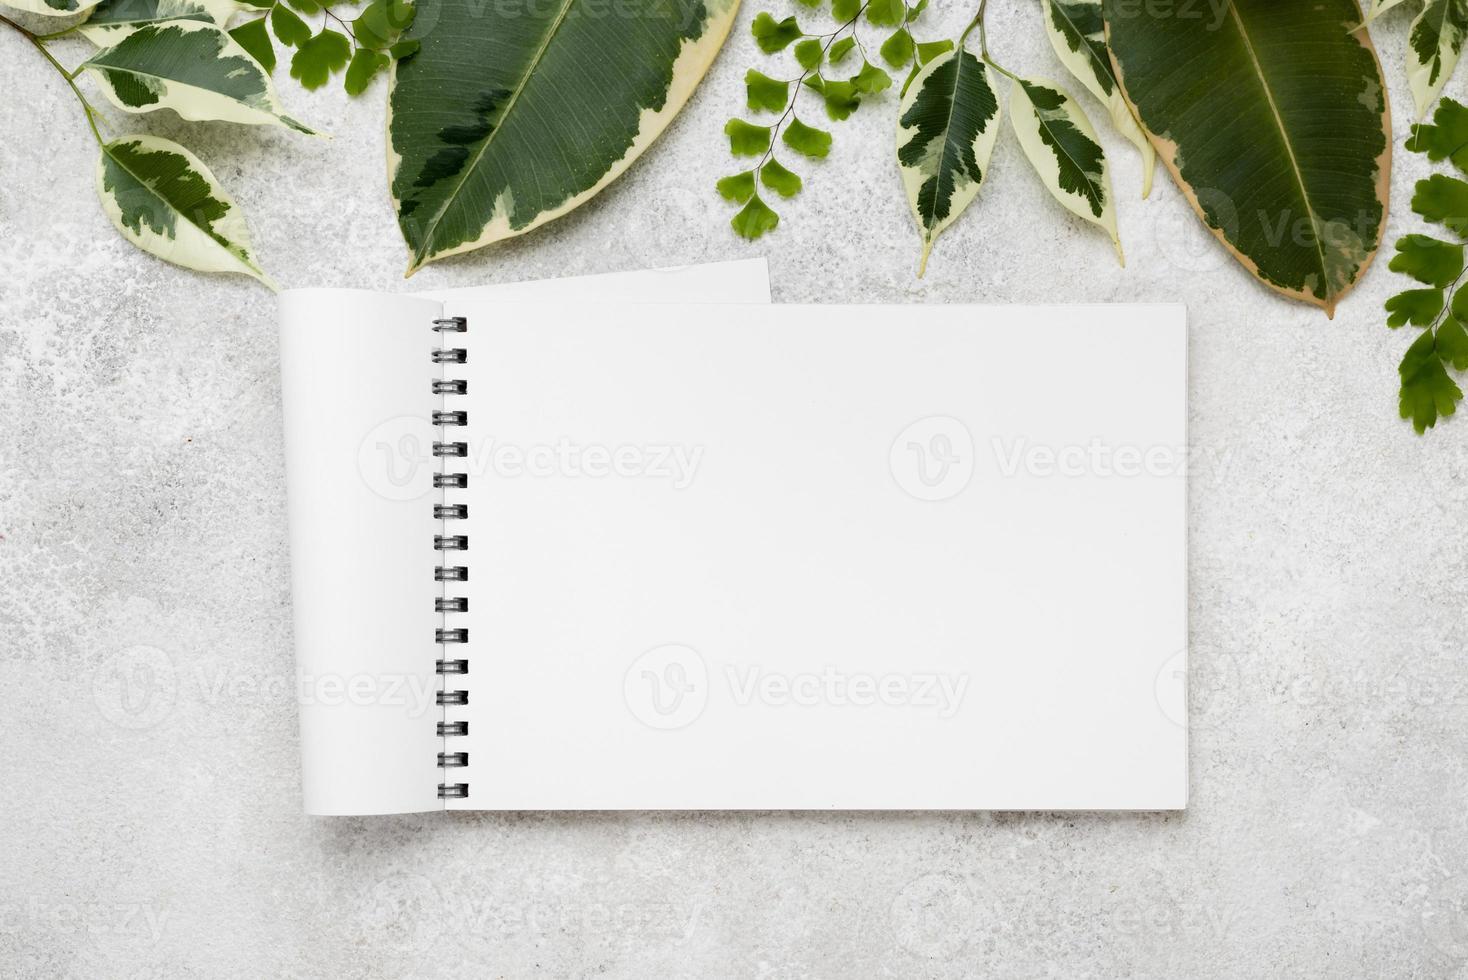 disposizione piatta di belle foglie di piante con il taccuino foto